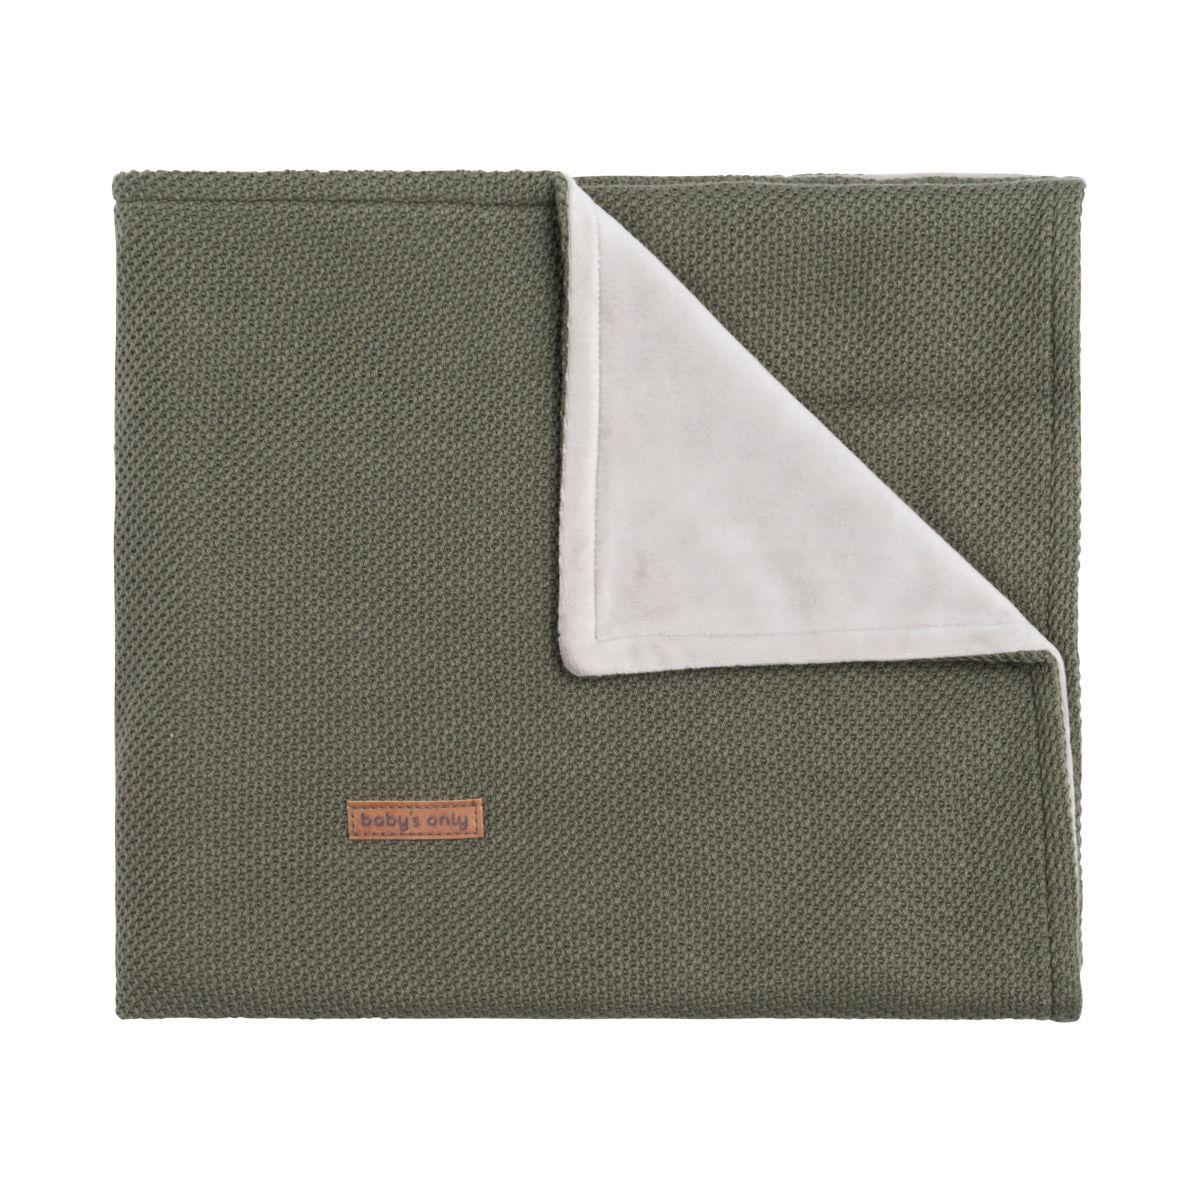 couverture berceau soft classic khaki